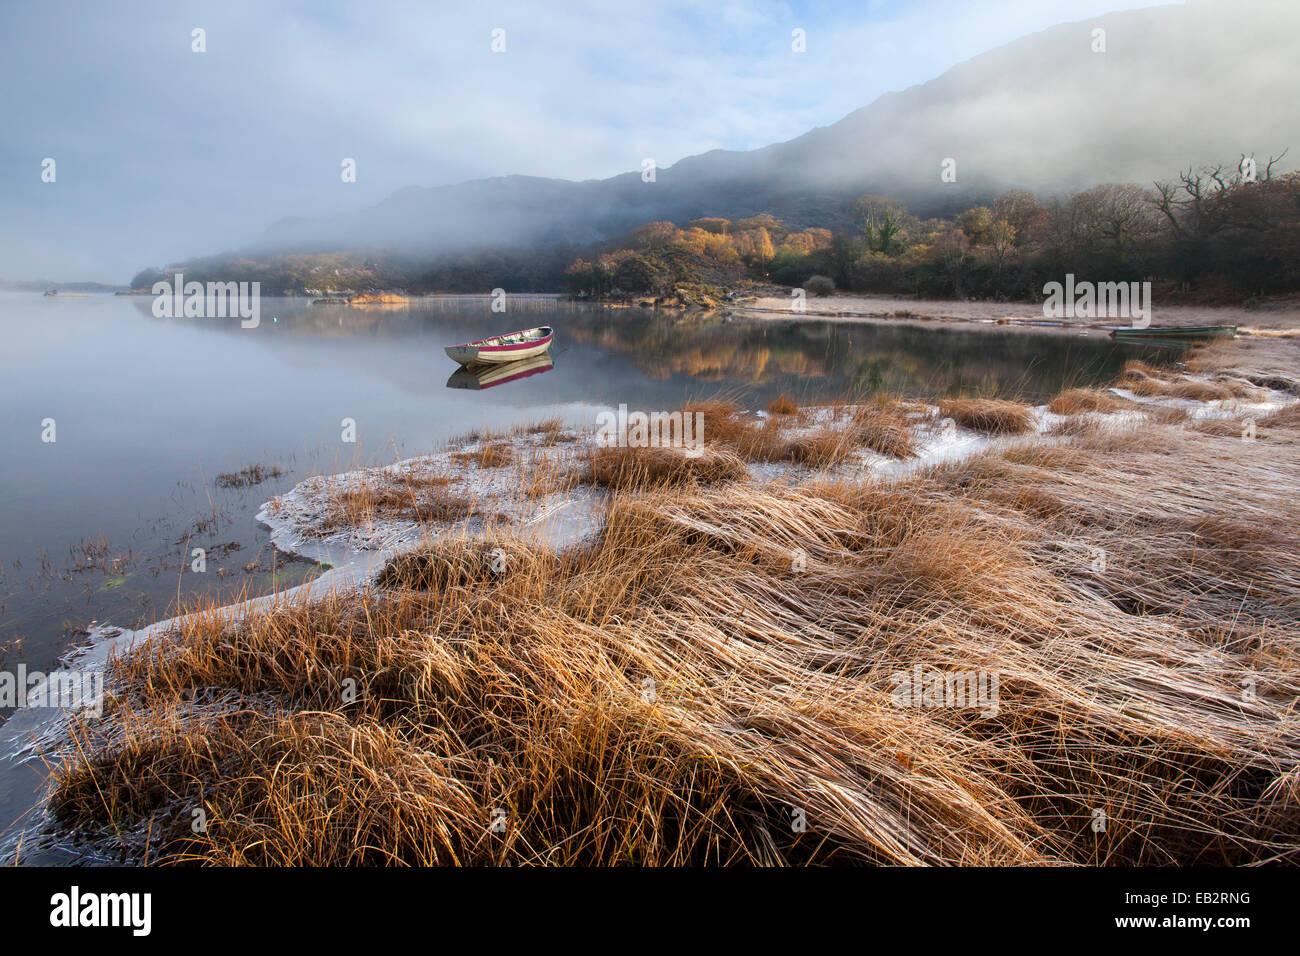 La helada mañana de invierno en la costa del Lago Superior, el Parque Nacional de Killarney, condado de Kerry, Irlanda. Foto de stock